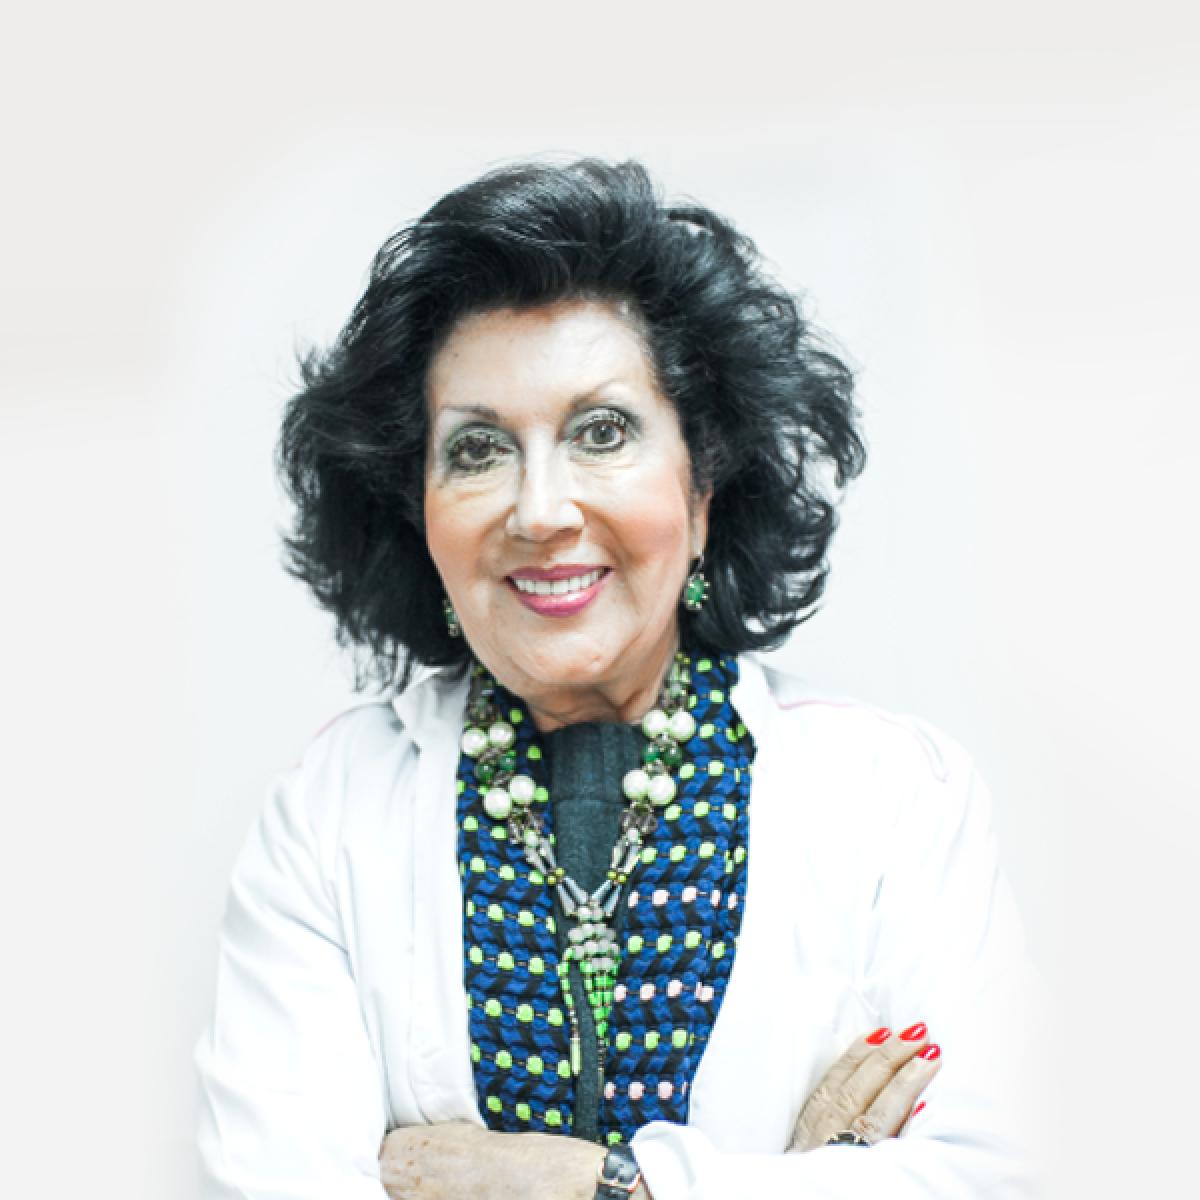 Dra. Teresa de Sousa